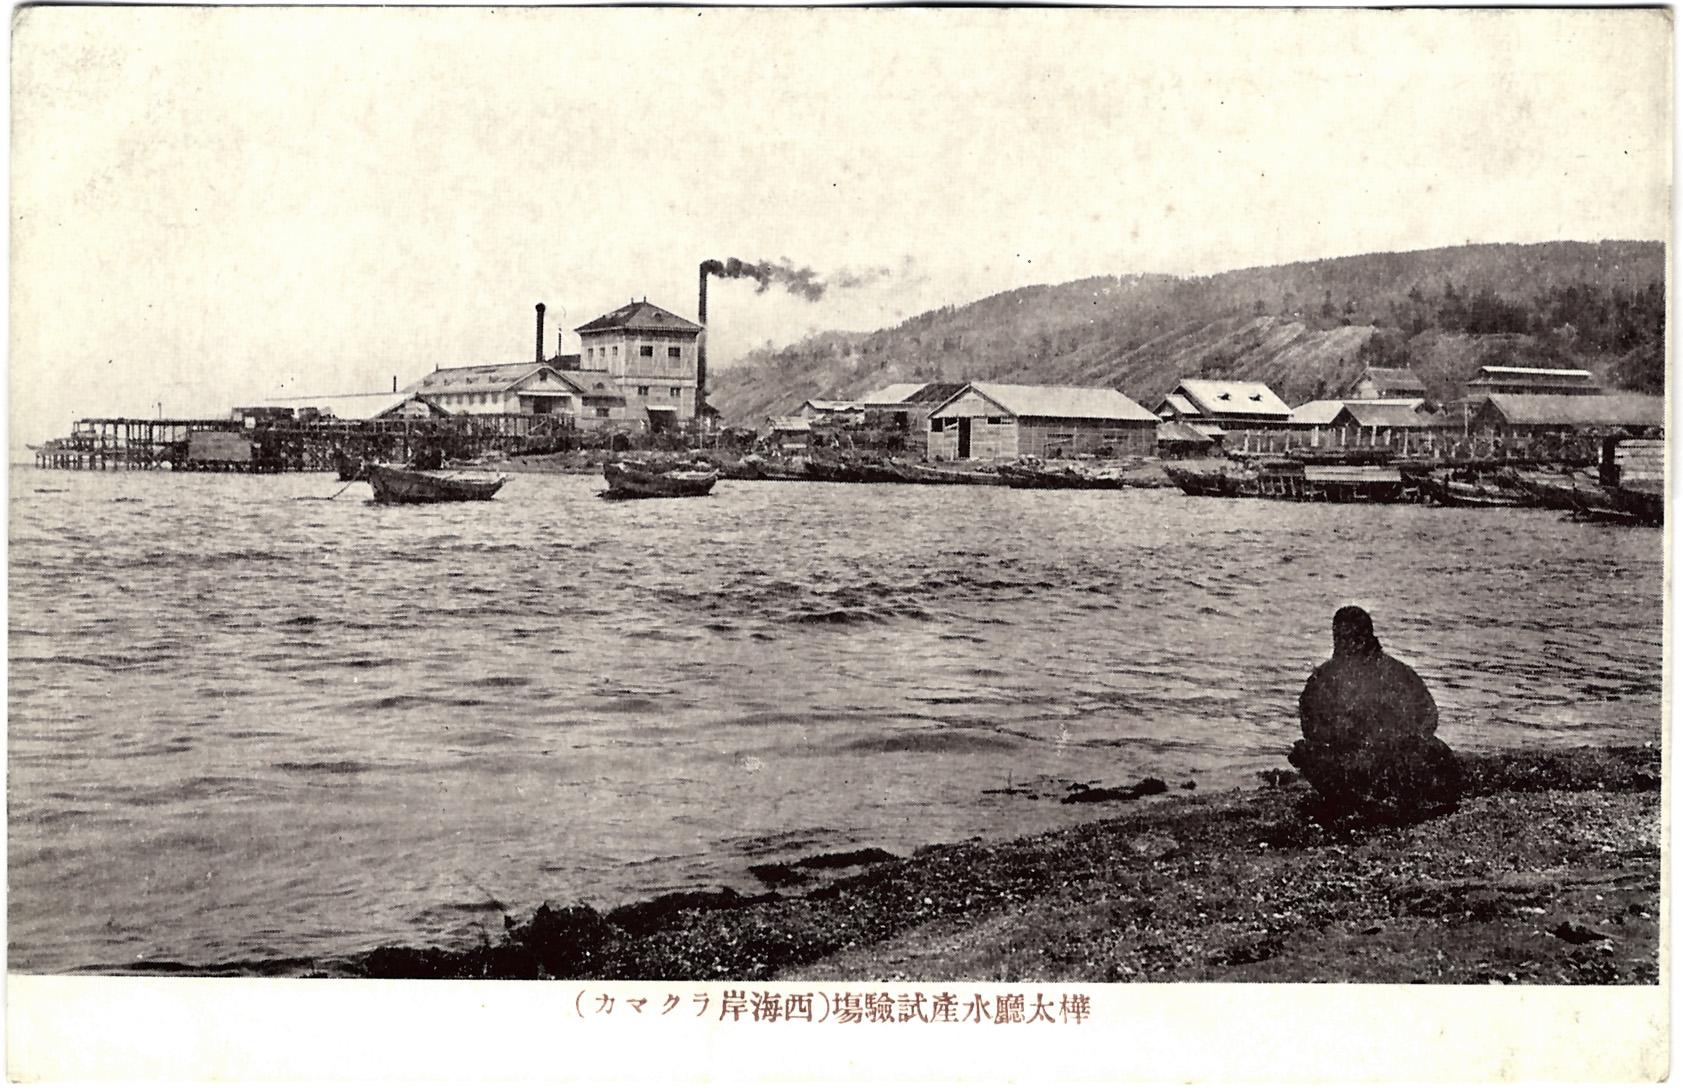 Опытная станция рыболовства префектуры Карафуто в селении Ракума